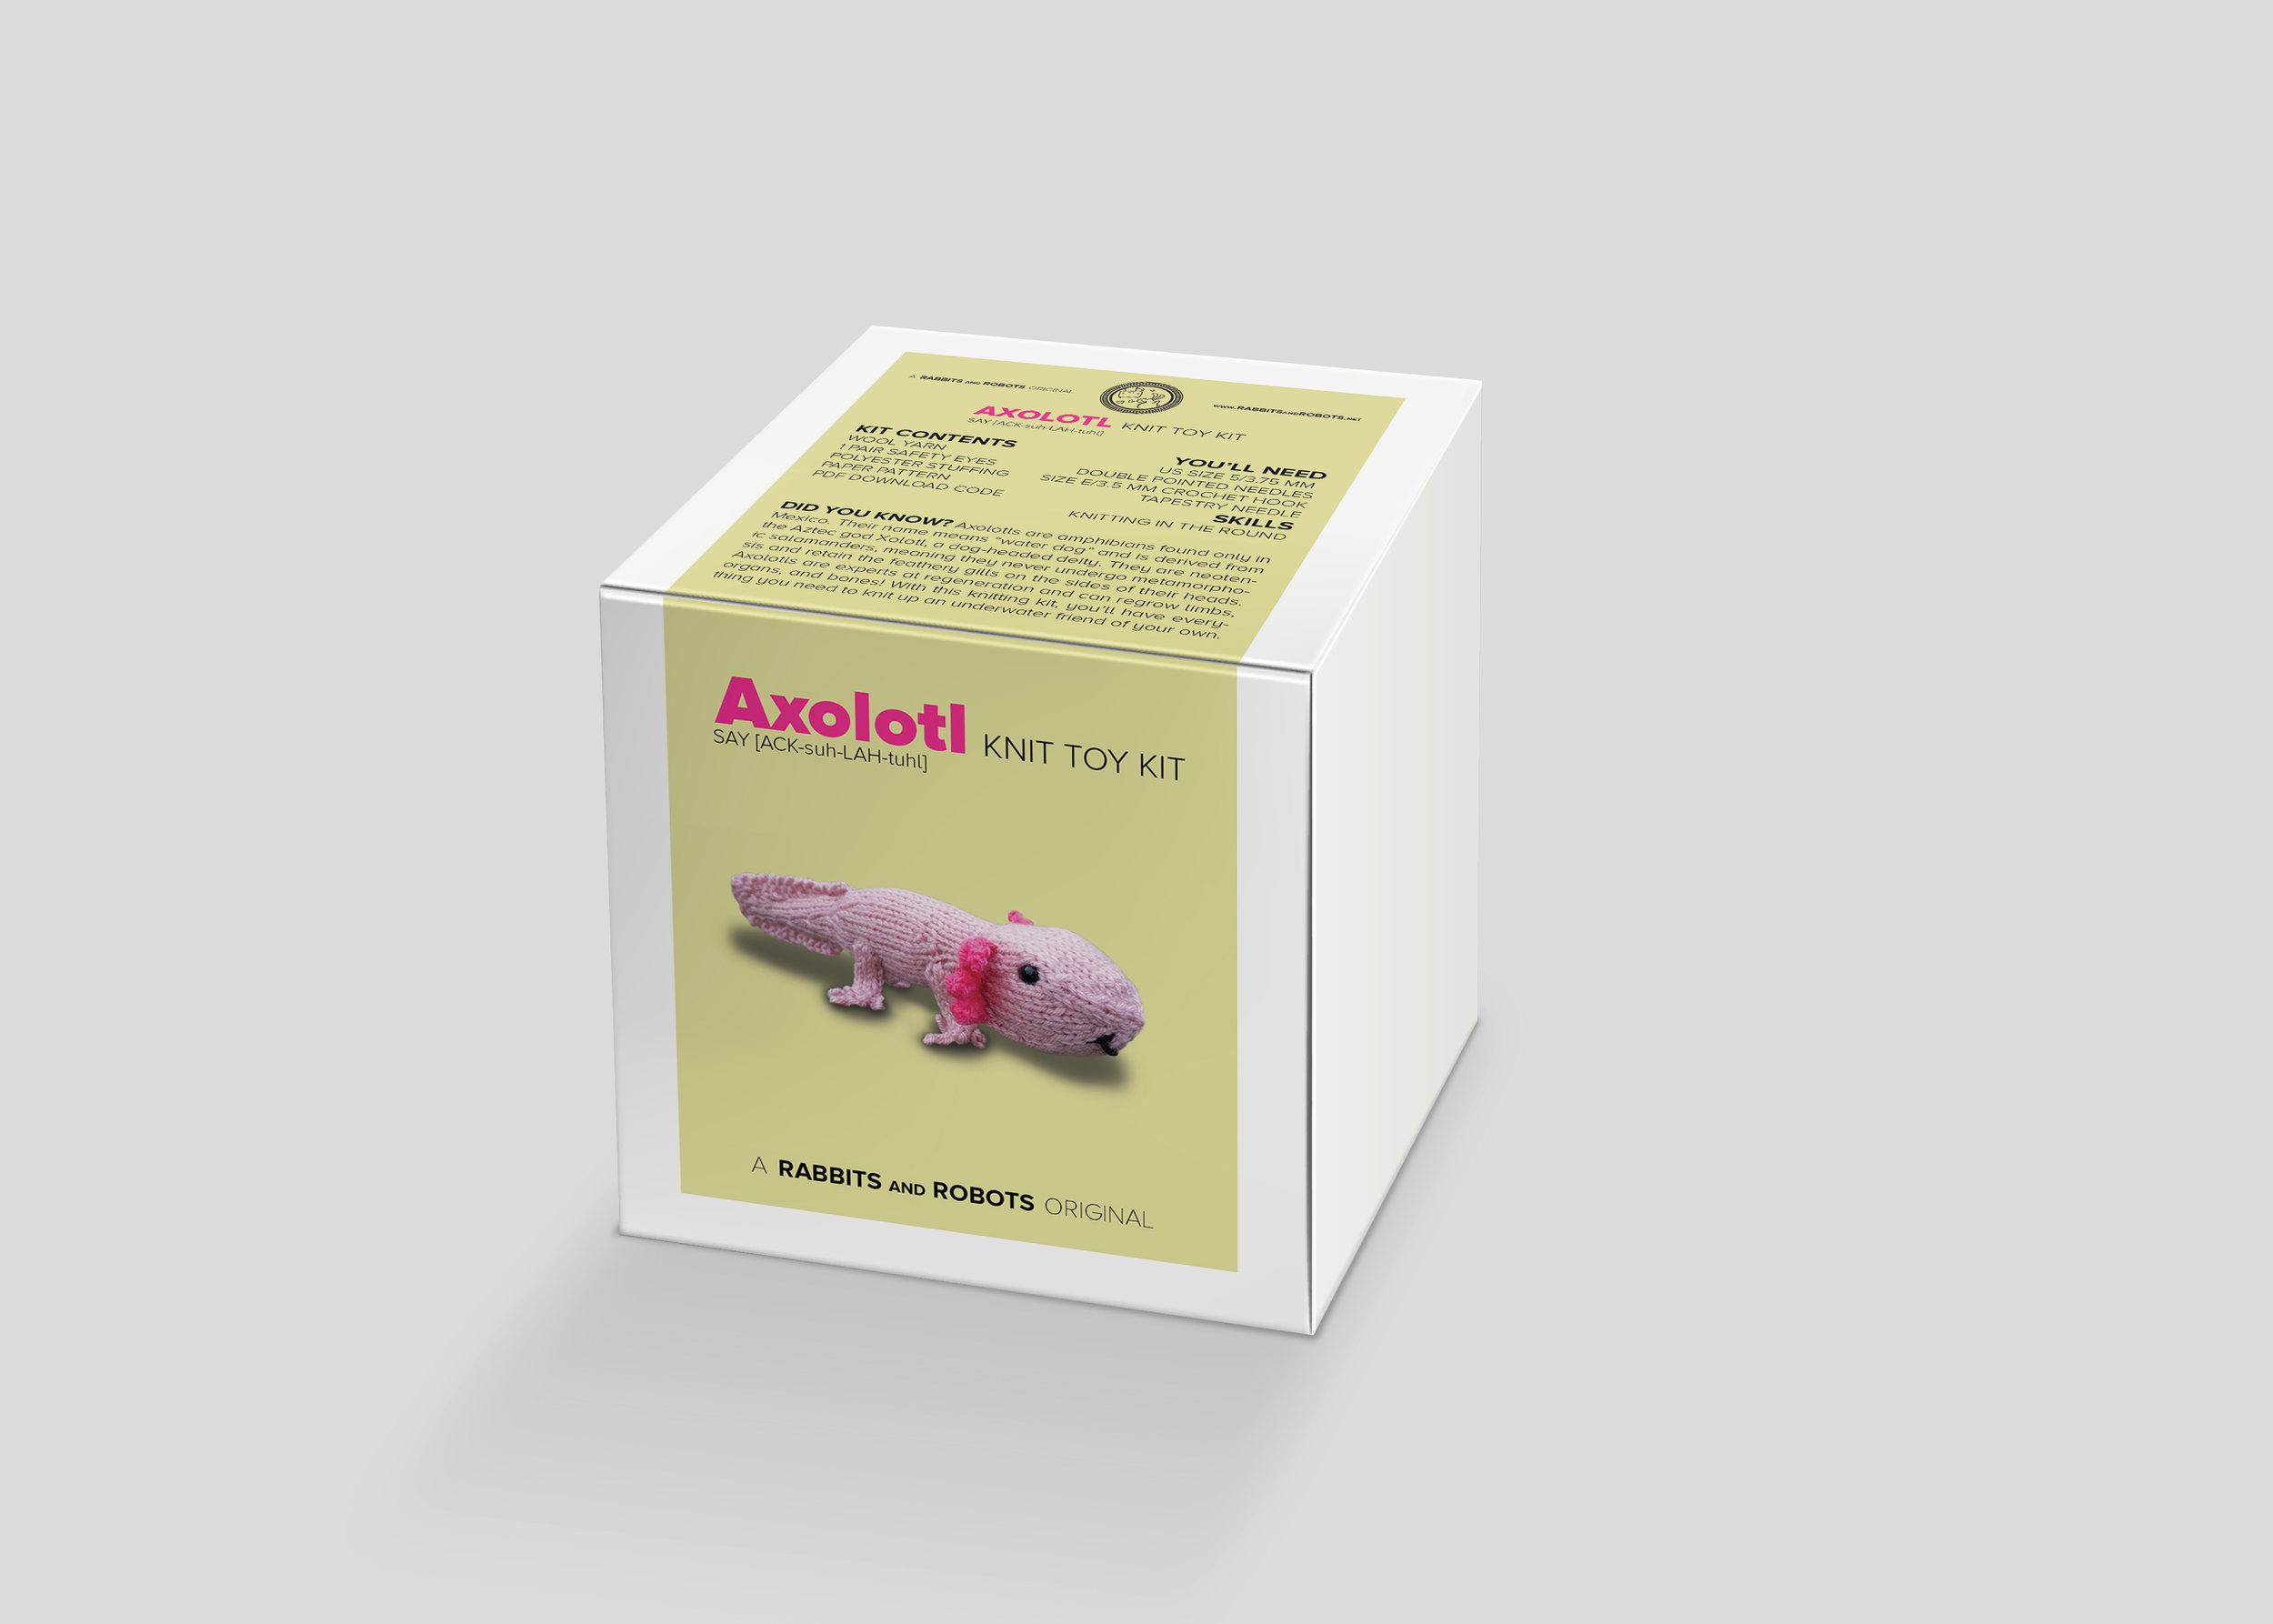 Axolotol_Box _Mock-up_001.jpg